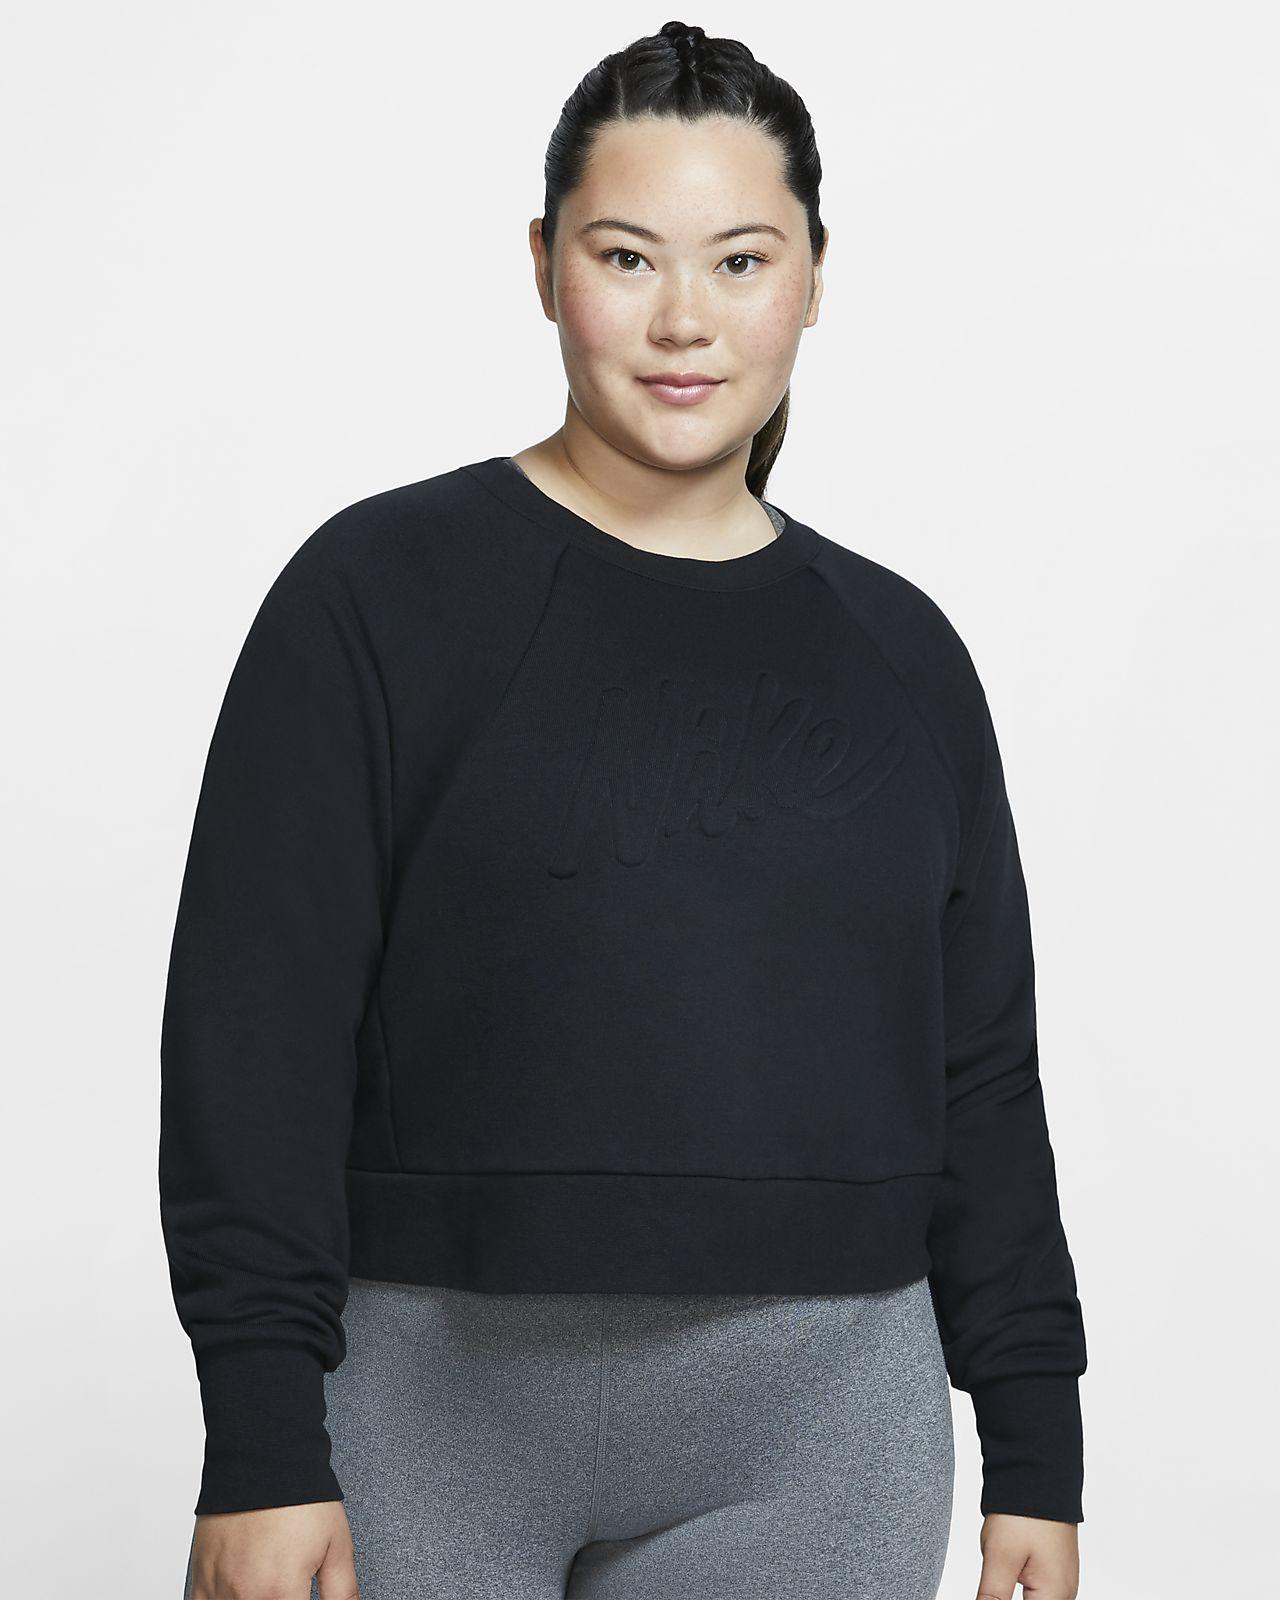 Damska koszulka treningowa z długim rękawem Nike Dri-FIT (duże rozmiary)